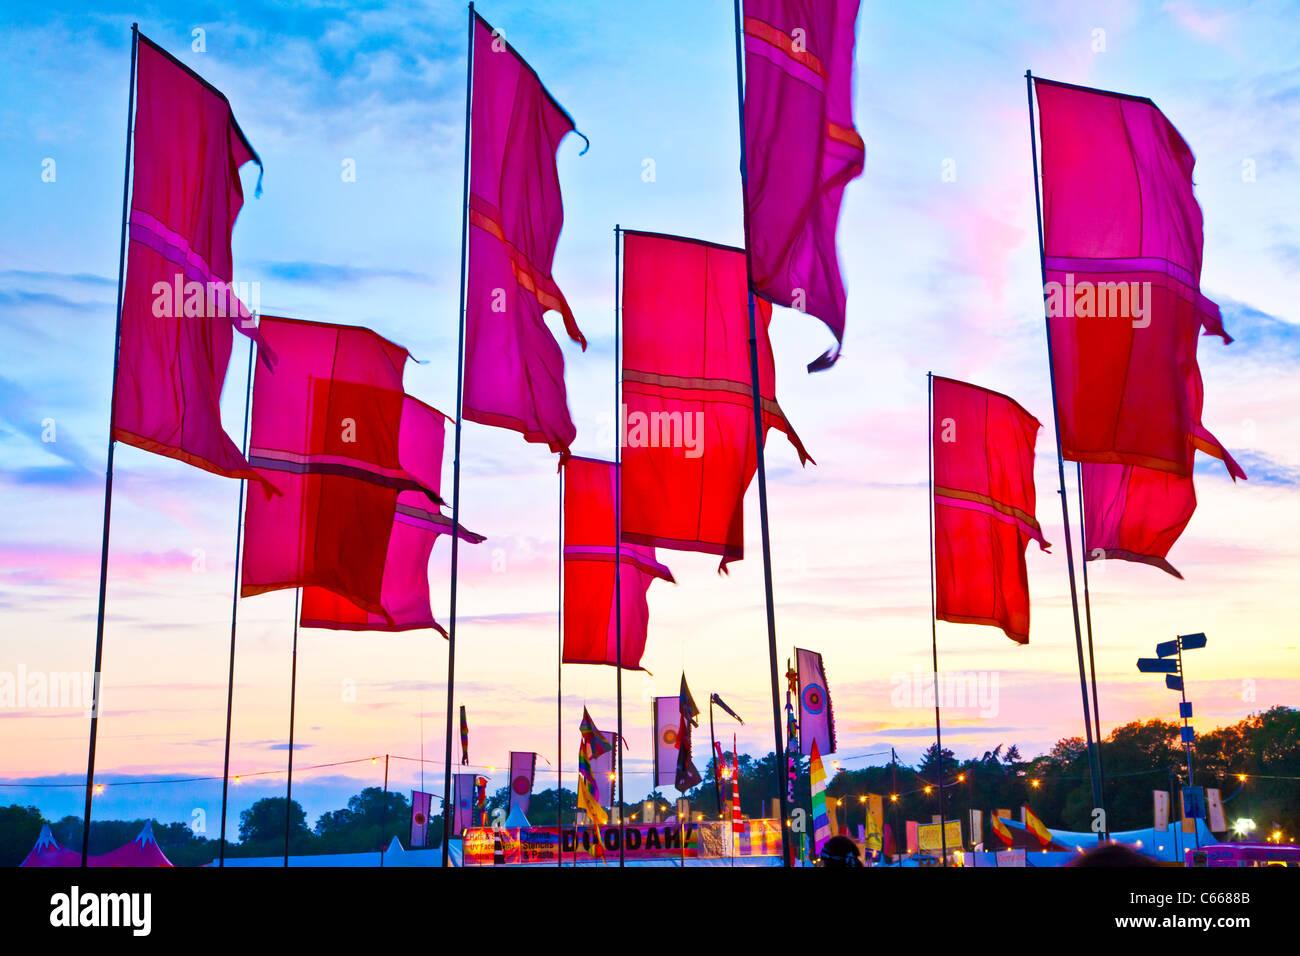 Banderas del festival WOMAD en la penumbra en 2011, Charlton Park, Malmesbury, Wiltshire, Inglaterra, Reino Unido. Imagen De Stock